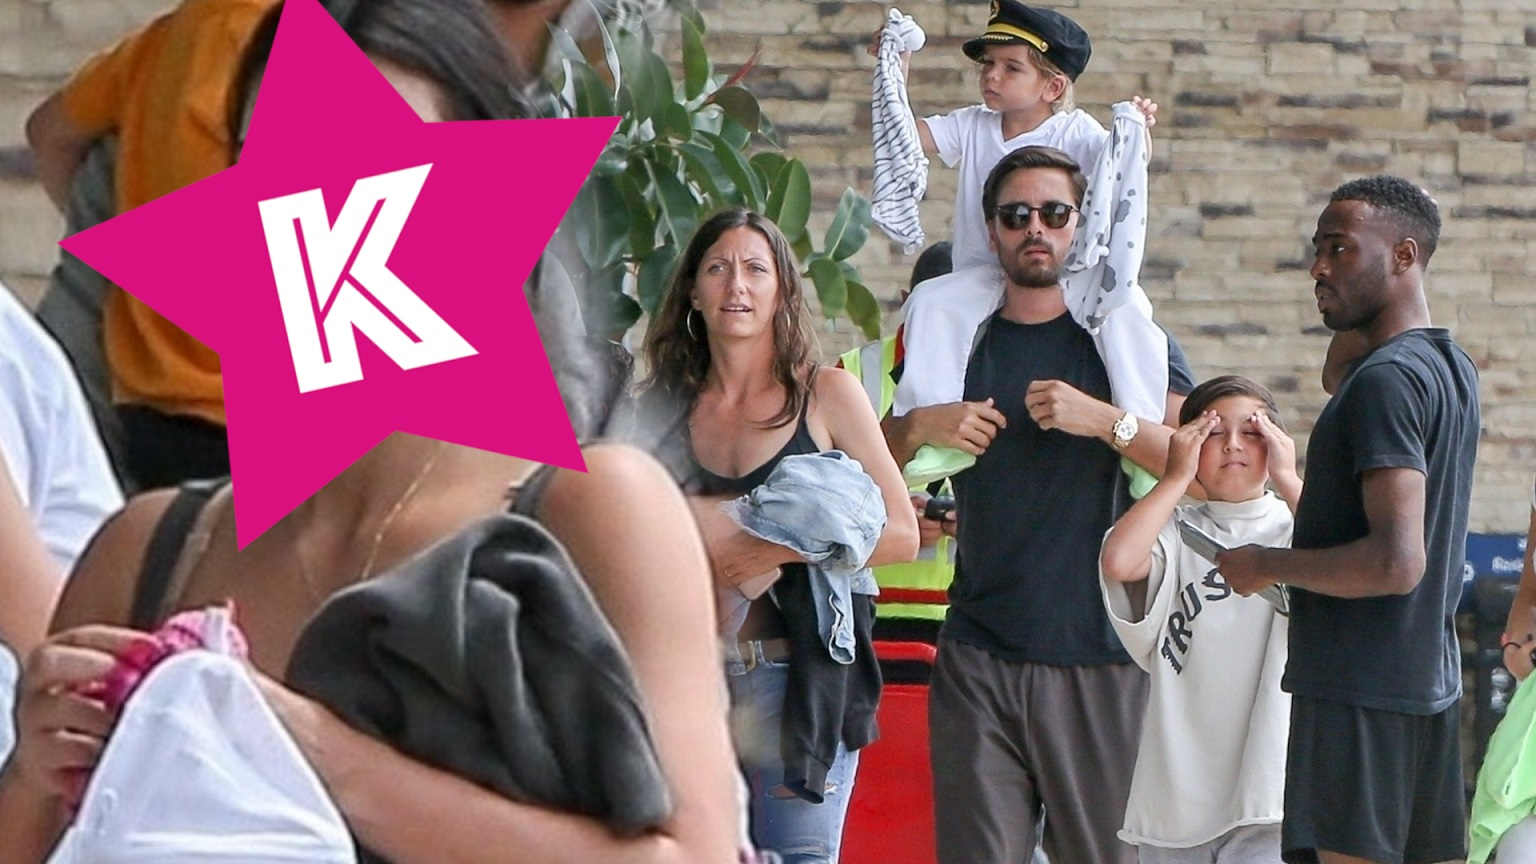 Rodzina Kardashianów wraca z wakacji – Kim Kardashin bez makijażu (Nie spodziewała się zdjęć)